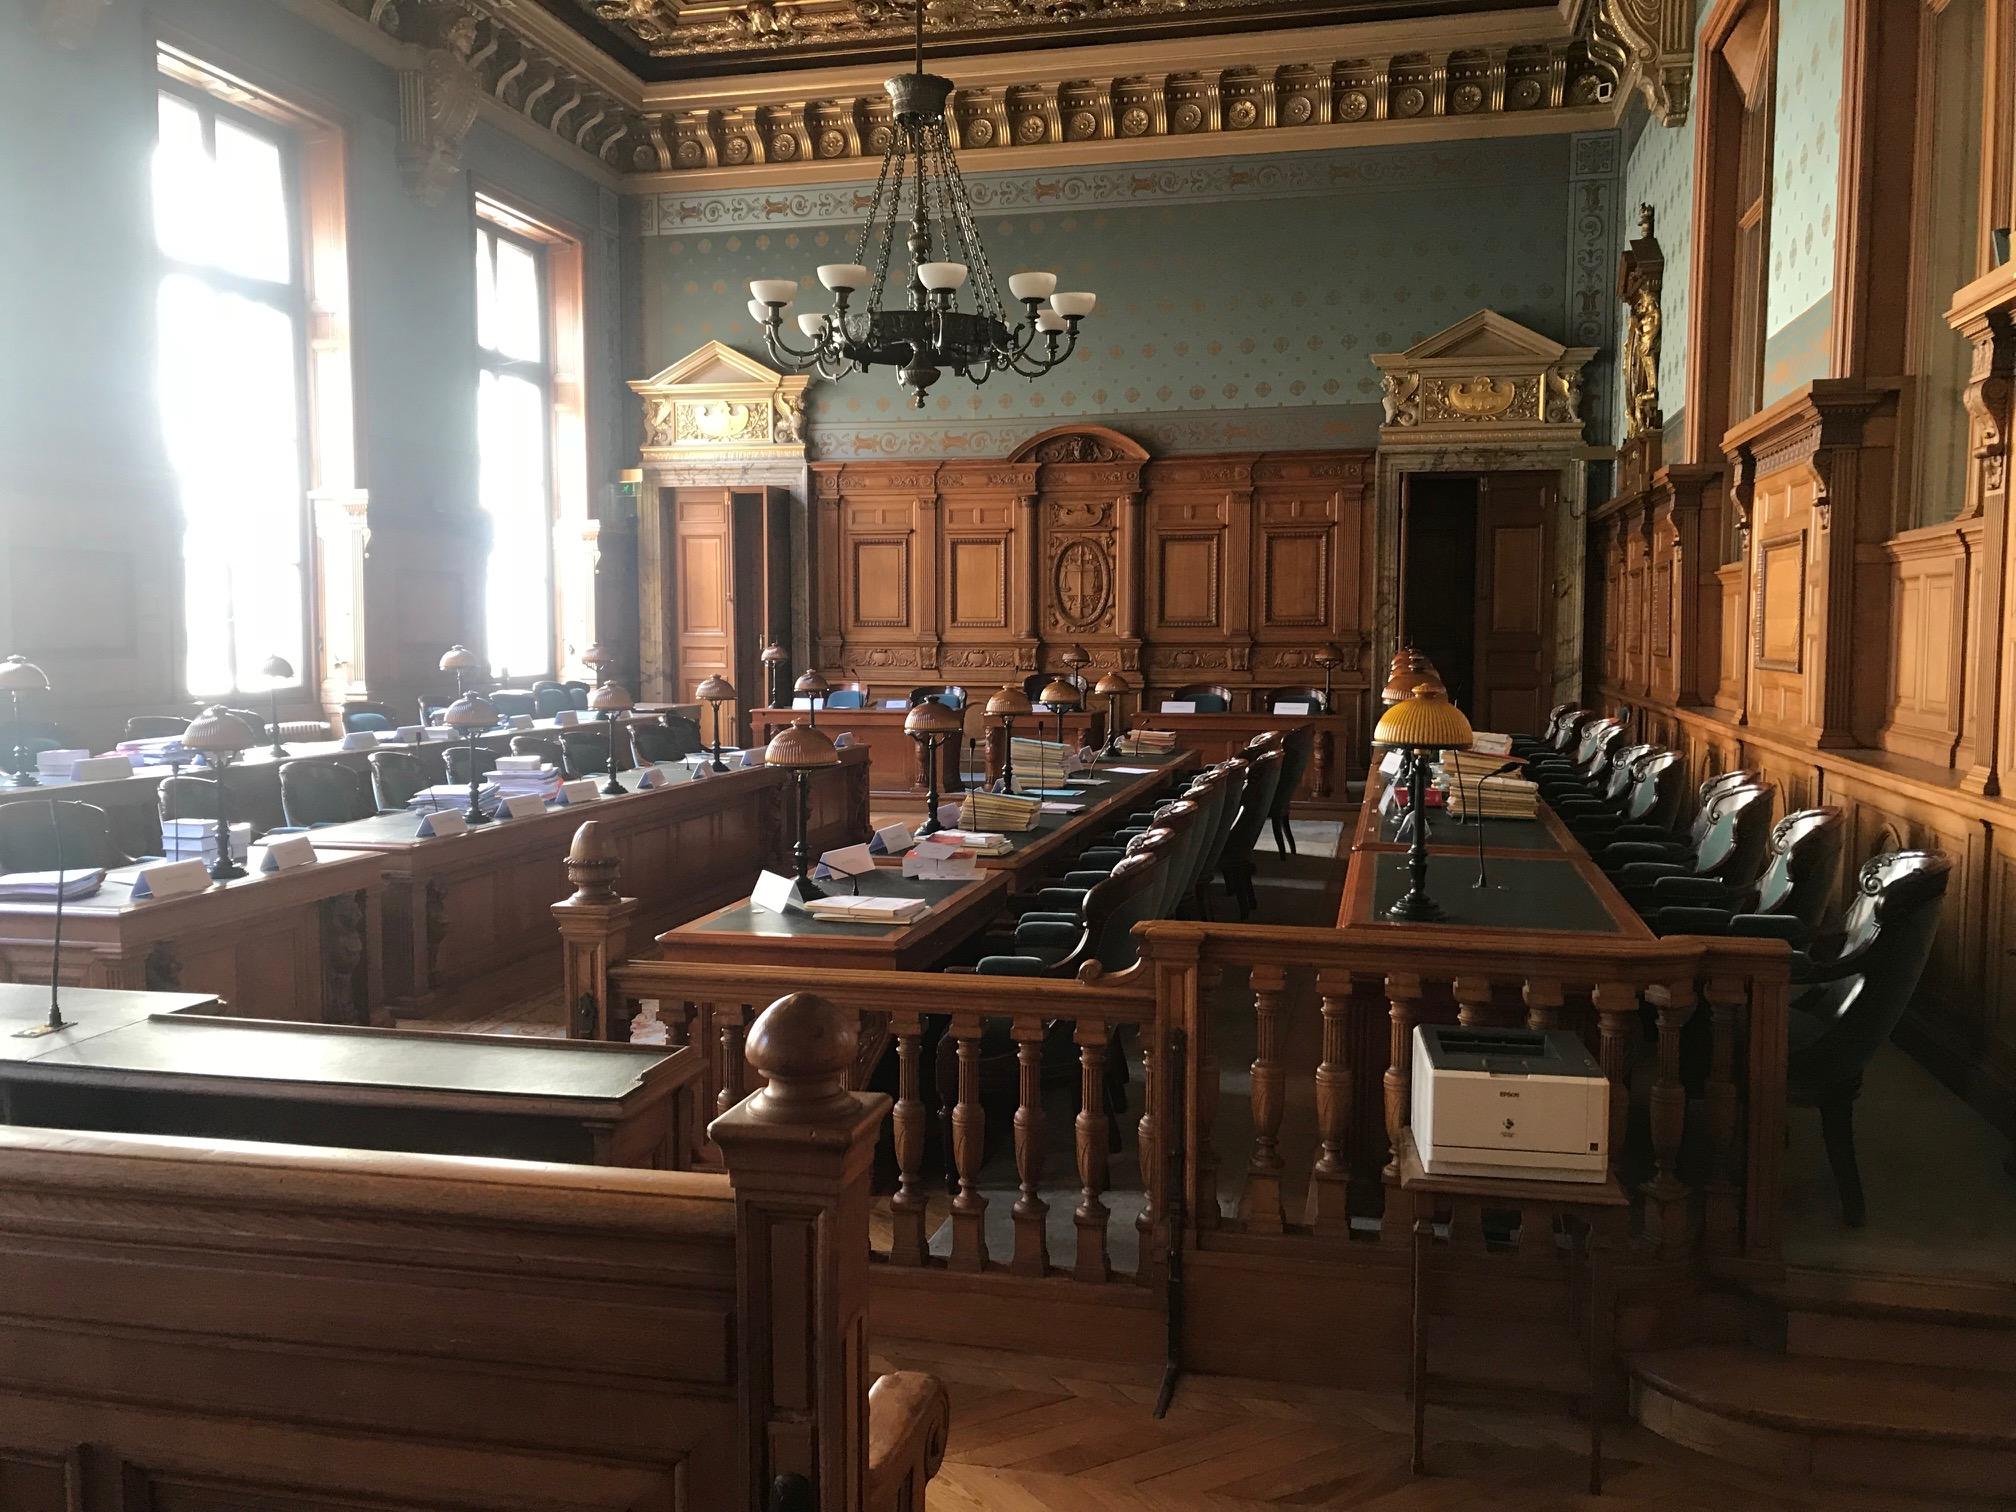 la chambre criminelle la cour de cassation de paris